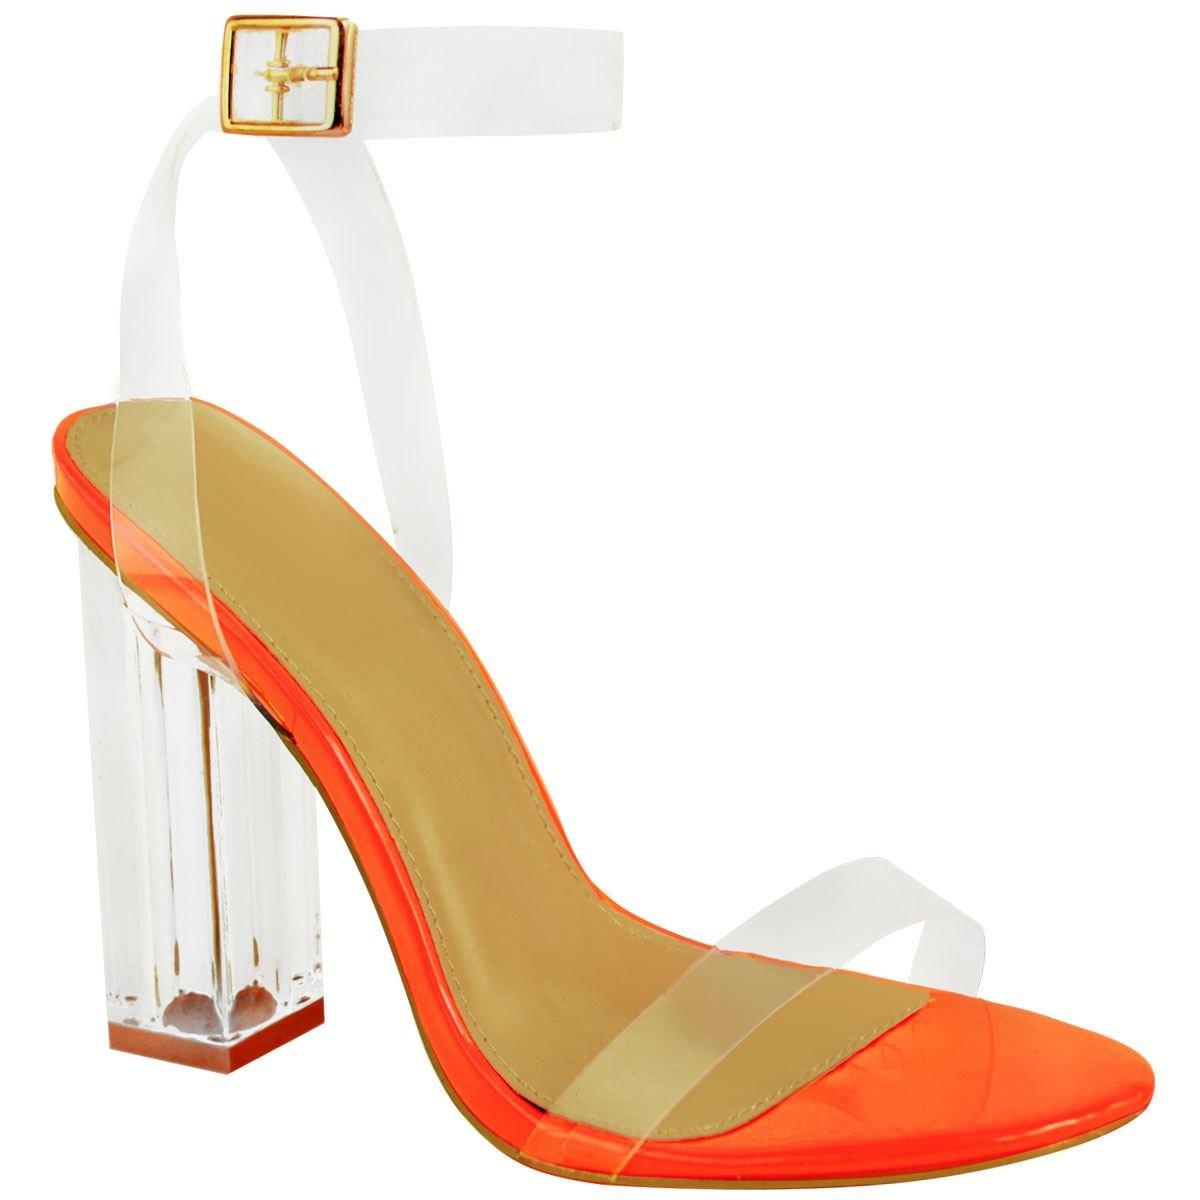 Image of Barbie Tings Orange